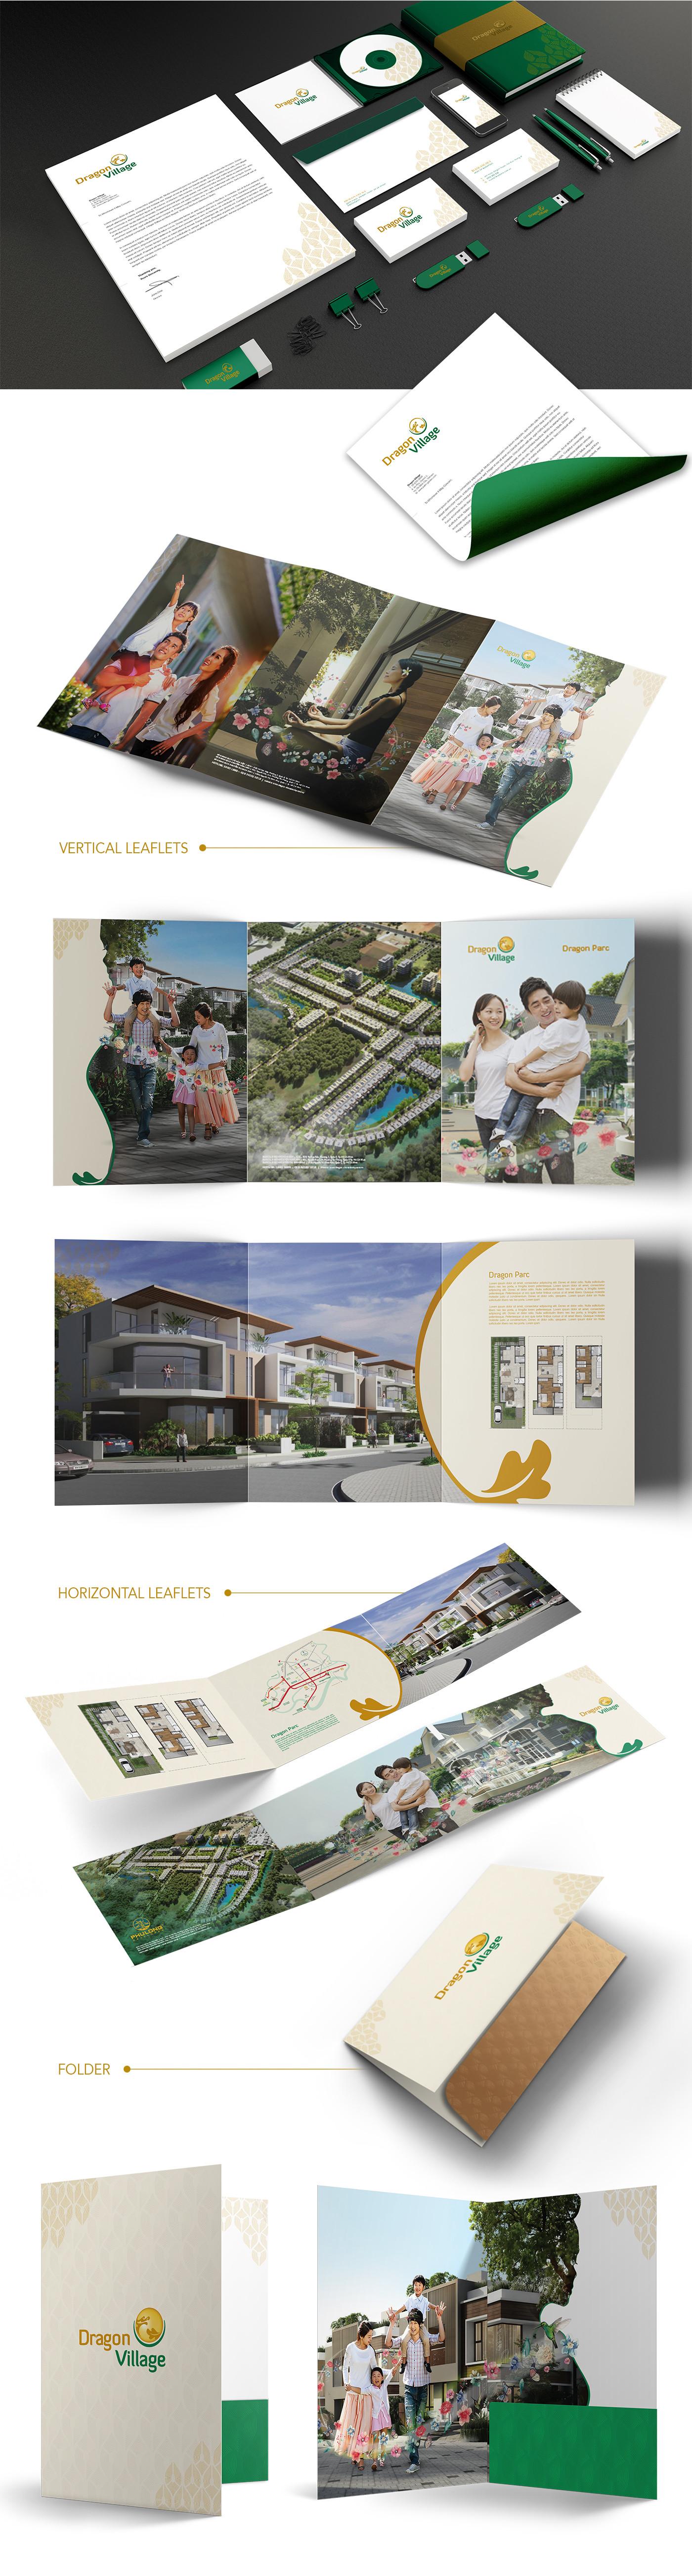 Dragon Village Website-p1 for website.jp